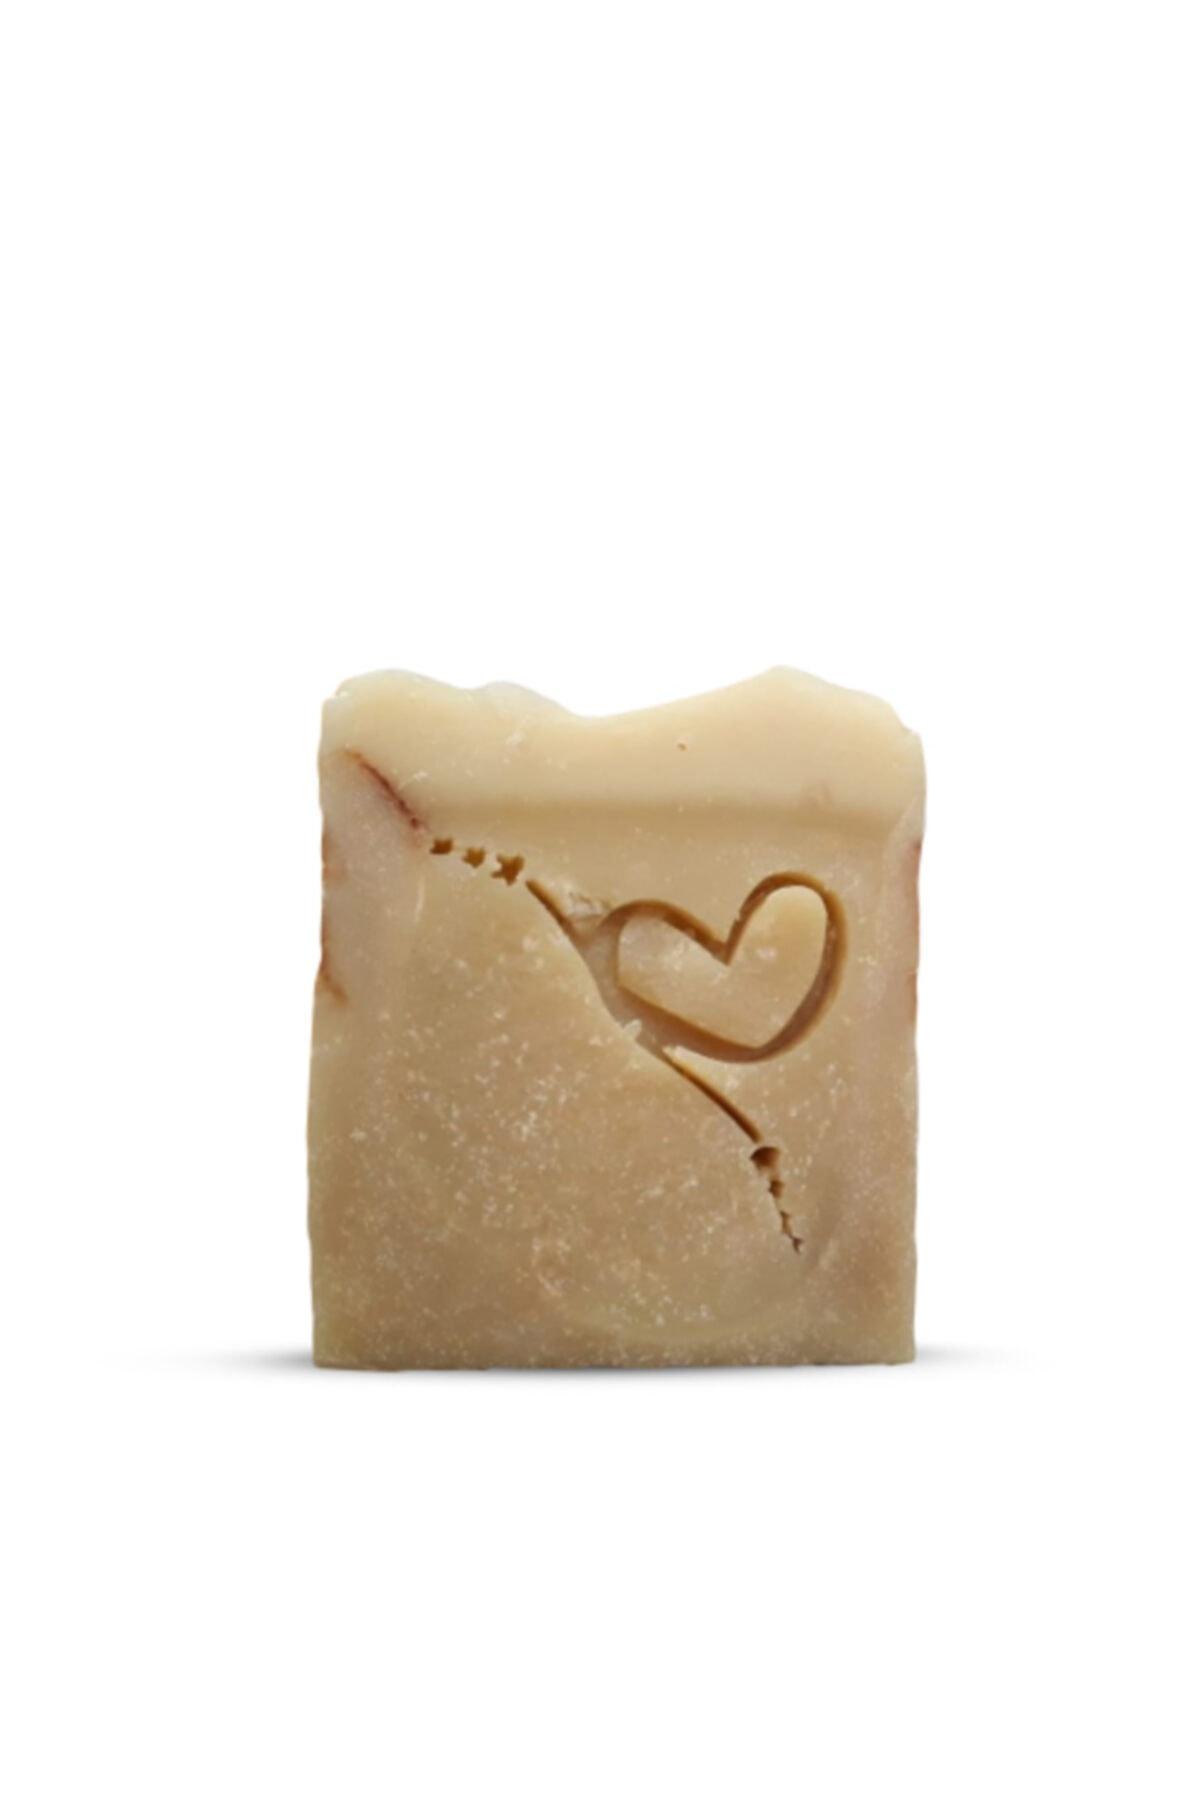 Handeresi Doğal El Yapımı Keçi Sütü Sabunu -yenileyici Ve Nemlendirici Yüz Sabunu 2